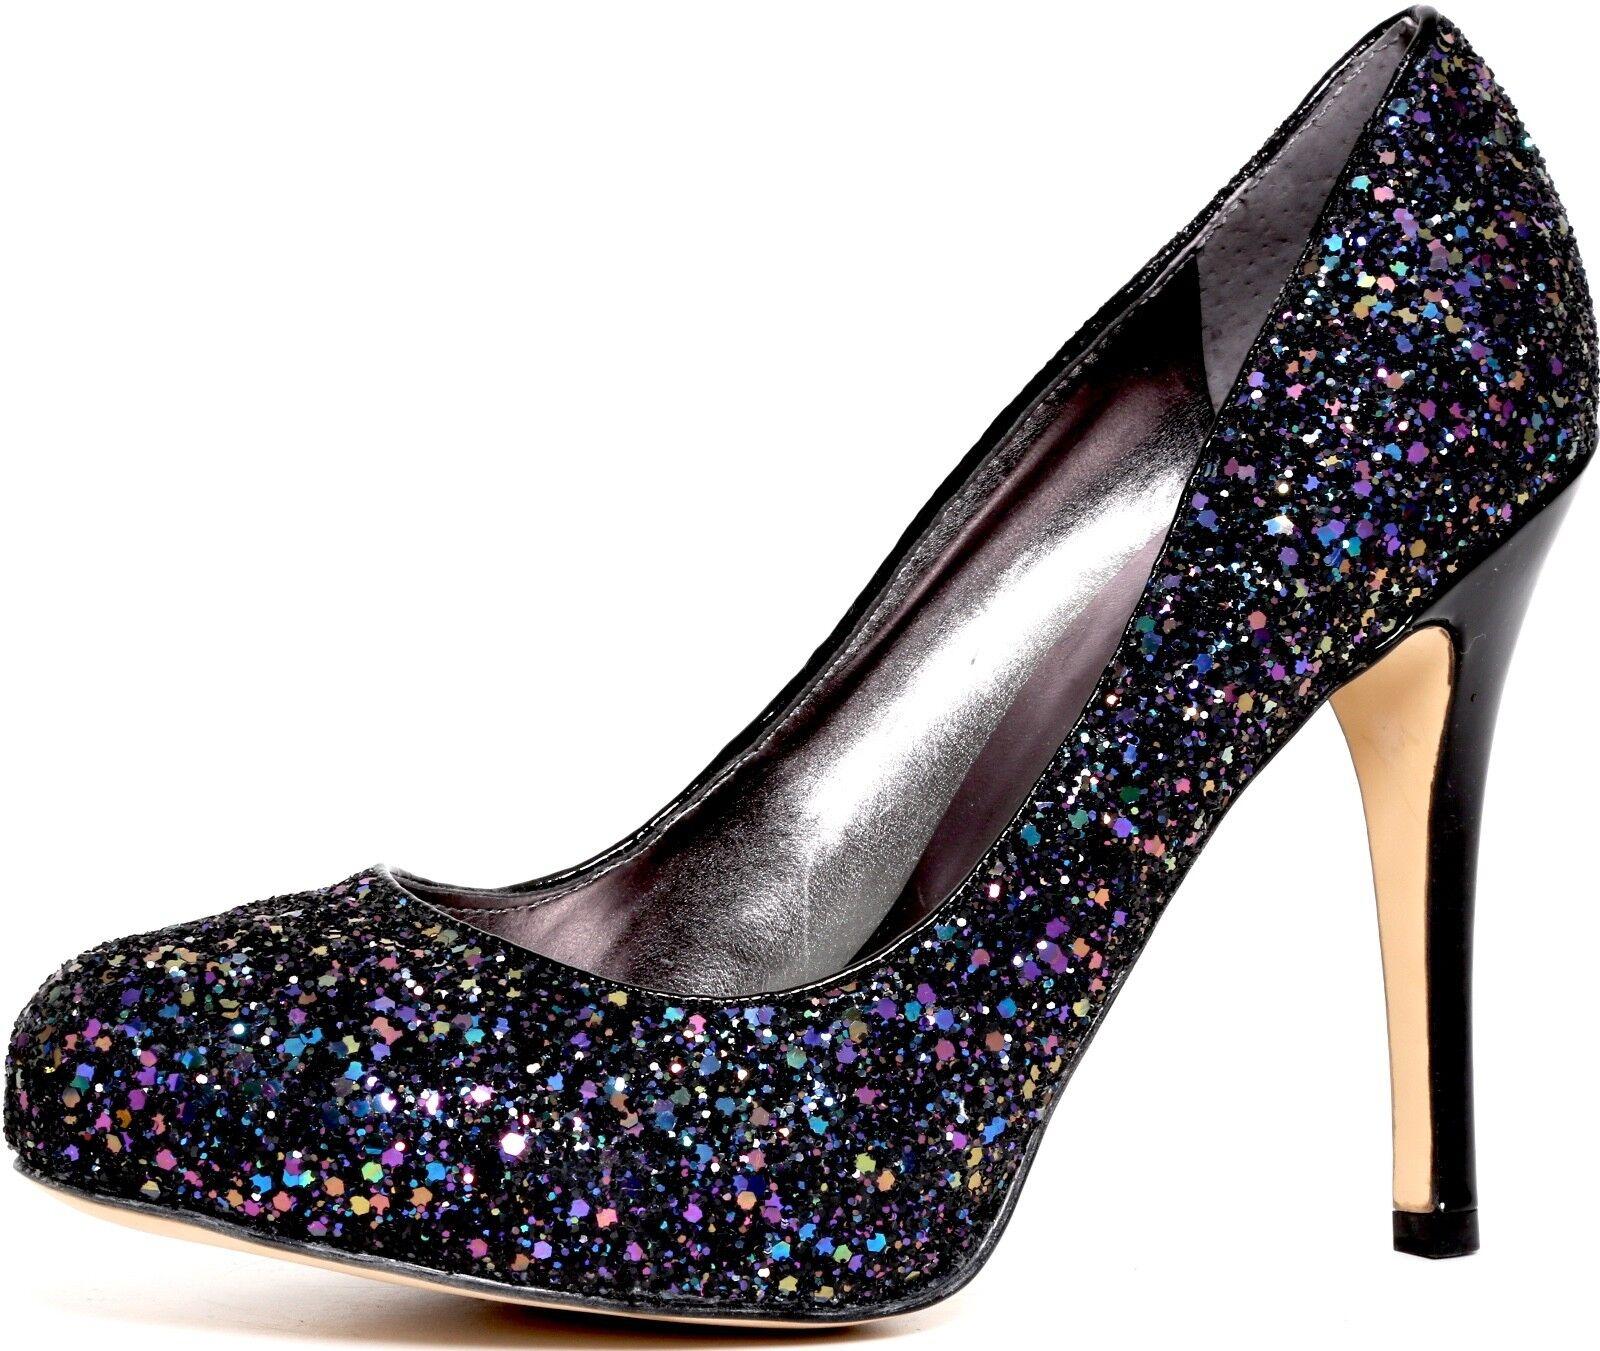 ordina adesso Ivan Trump 'Iris' nero Glittery Heels 2946 2946 2946 Dimensione 8.5 M  risparmia il 60% di sconto